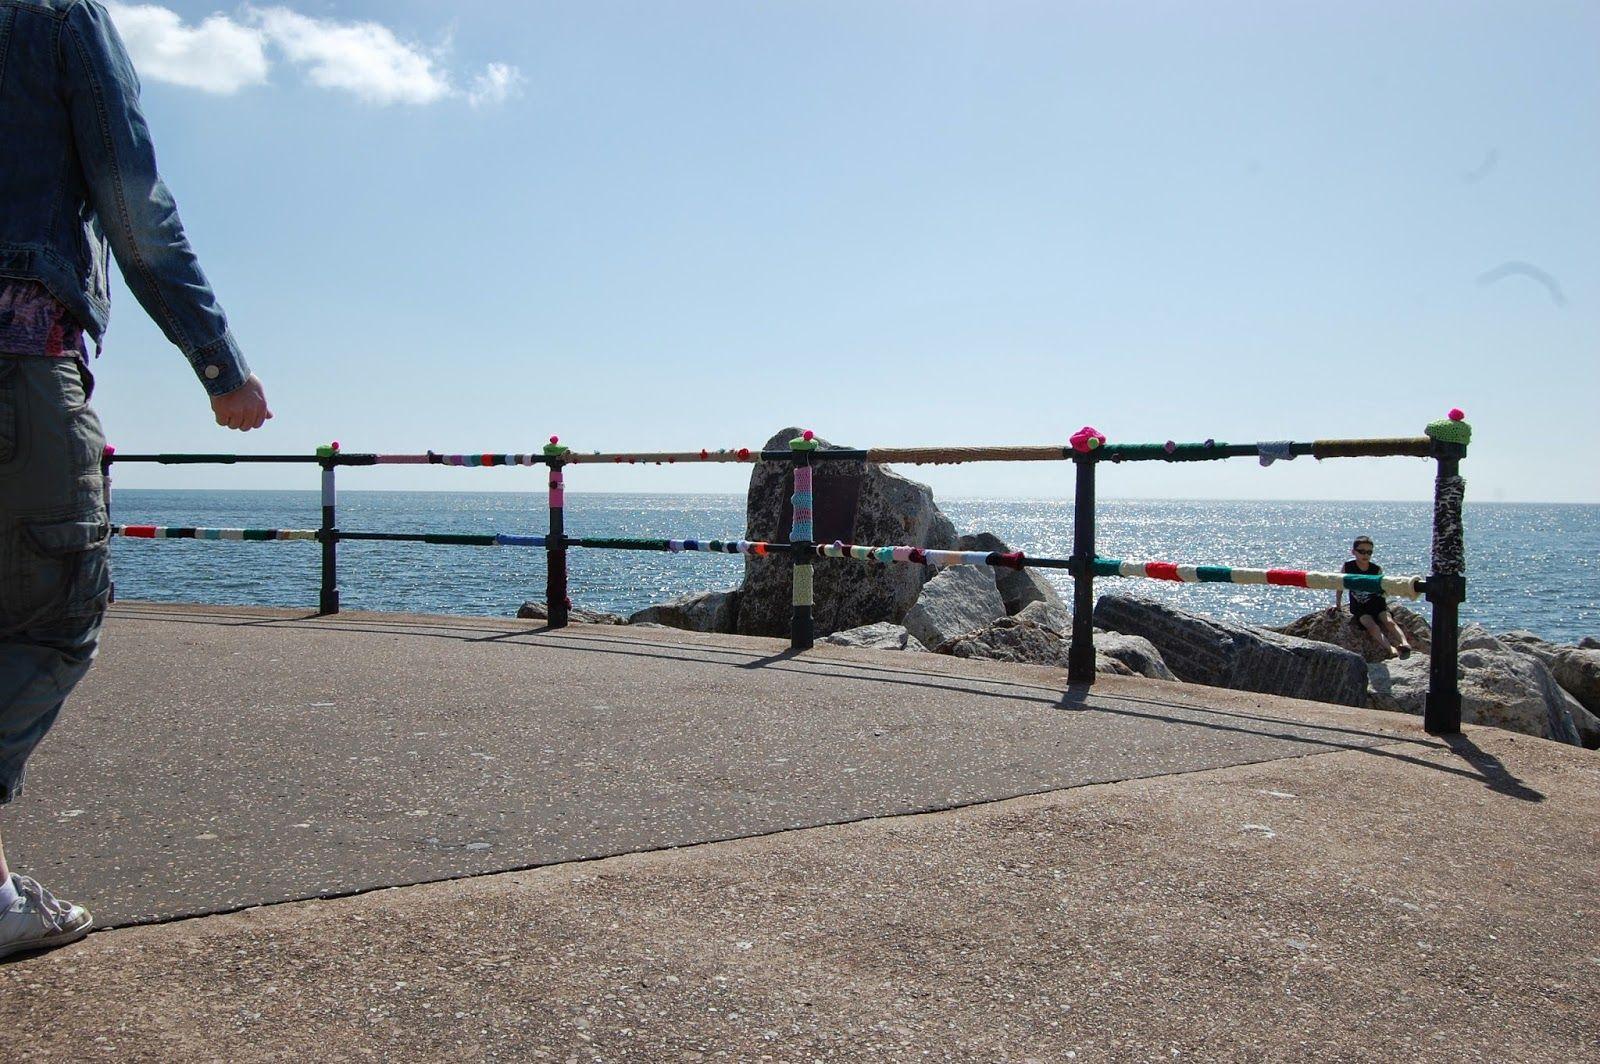 Sidmouth Knit Cafe.: ssssssssssshhhhhhhhhhh! .Sidmouth Knit Cafe.: ssssssssssshhhhhhhhhhh! . yarn bombing the prom at sidmouth devon